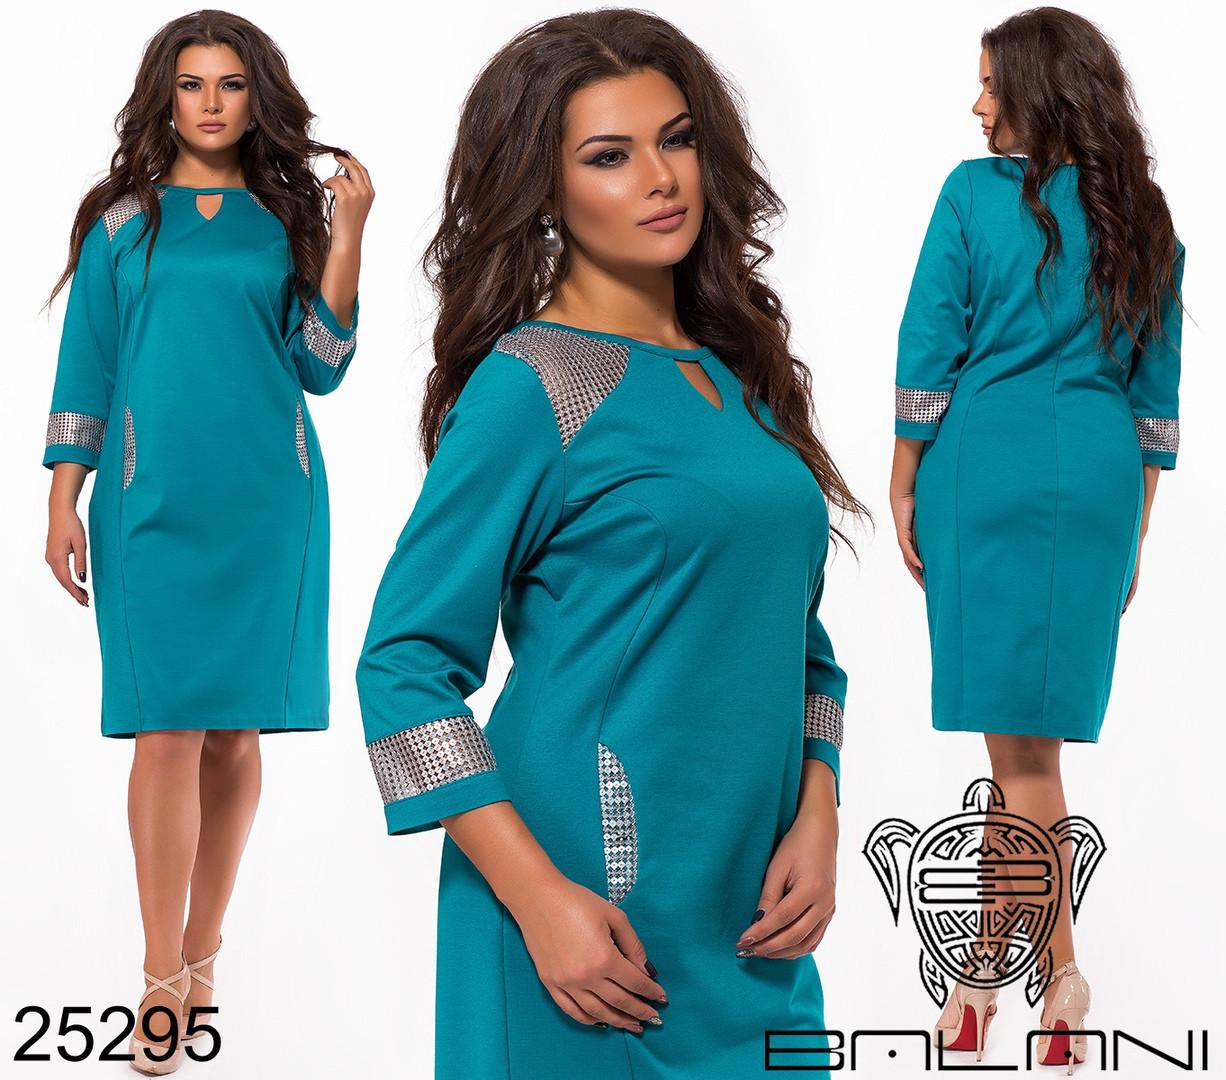 f029aefba7c Красивое платье прямое до колен Производитель ТМ Balani размер 50